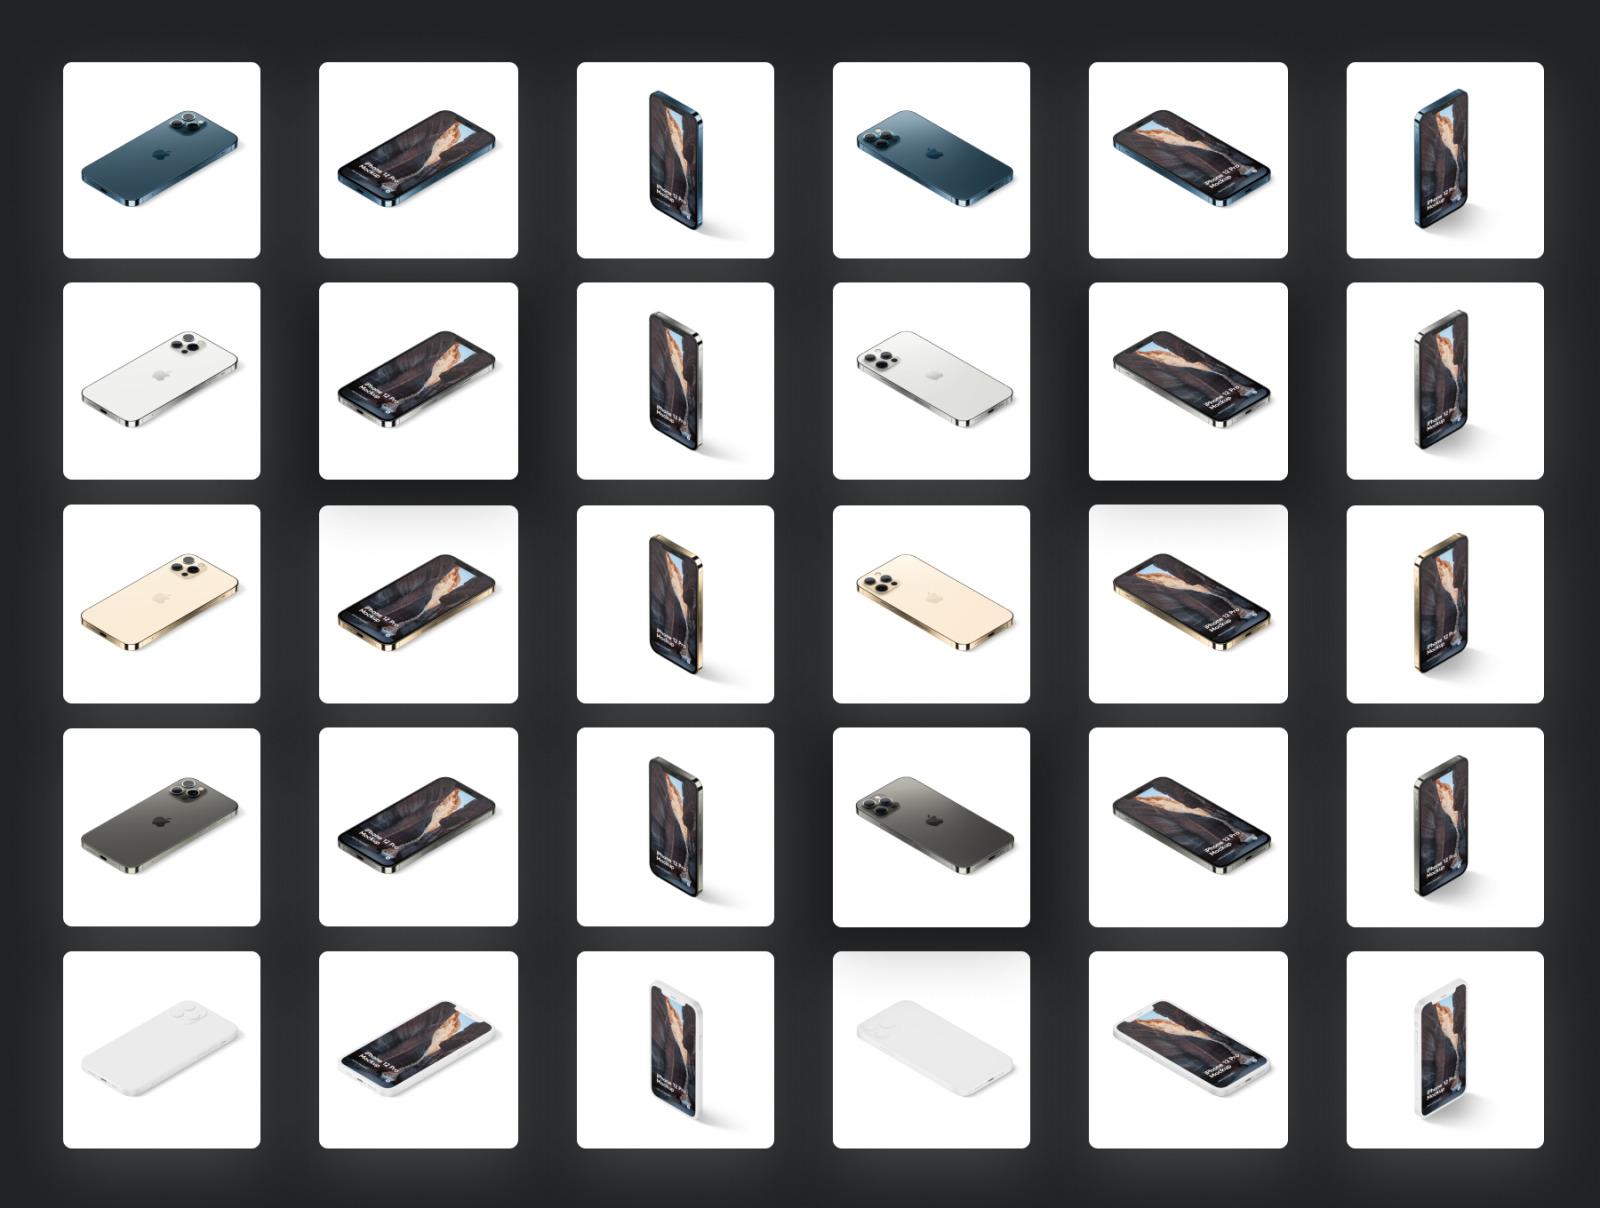 时尚等距苹果iPhone 12 Pro手机软件APP界面设计展示样机合集 iPhone 12 Pro Isometric Pack插图1